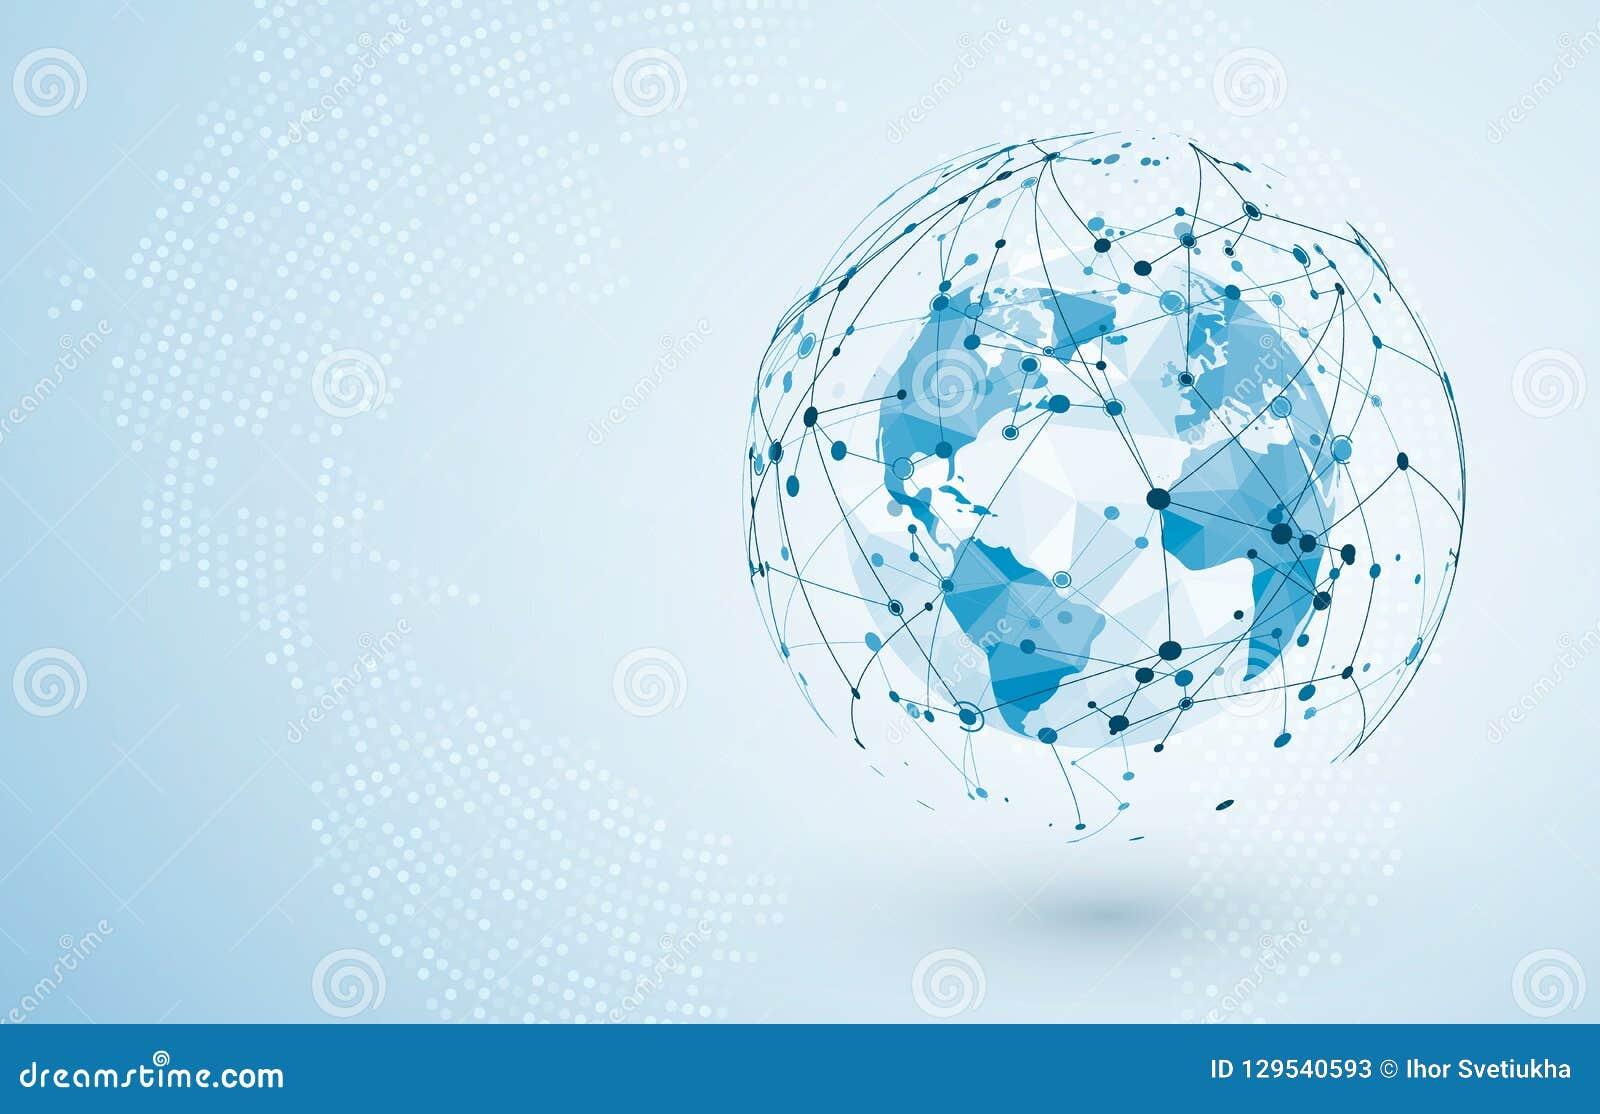 Anslutning för globalt nätverk Stora data eller global social nätverksanslutning Lågt polygonal världskartabegrepp av den globala